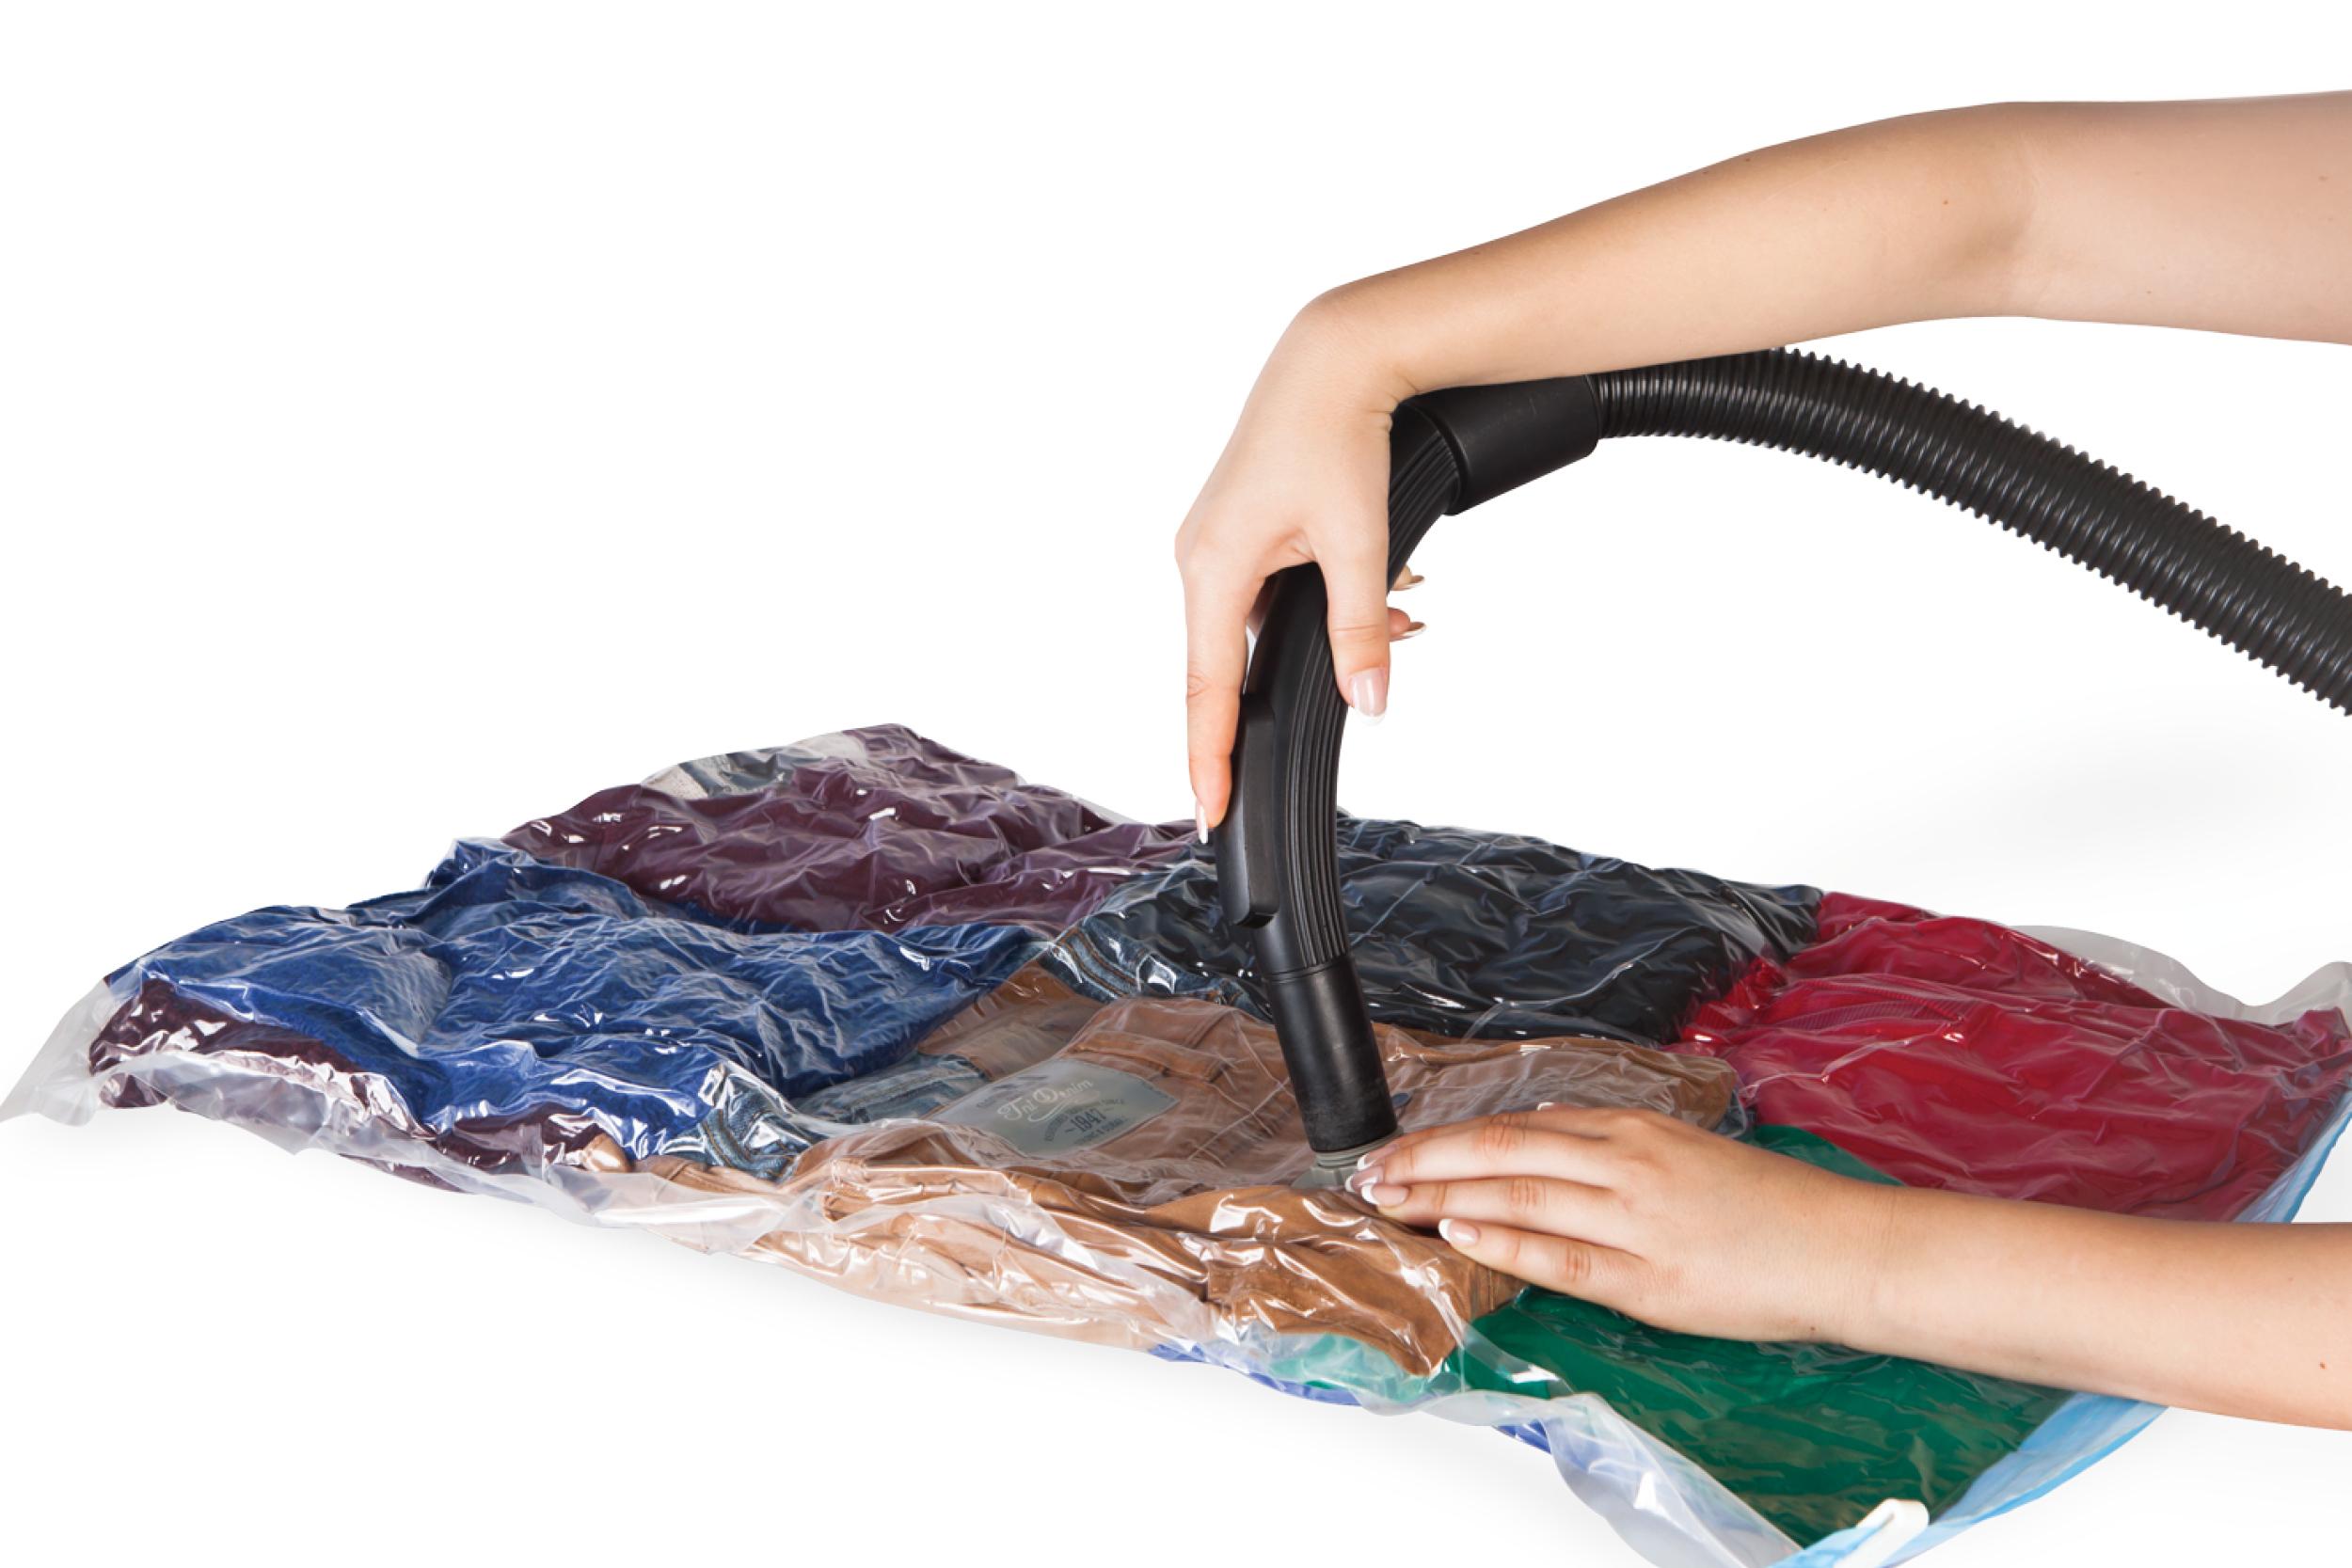 שקיות ואקום לאחסון מוצרי טקסטיל – לחסכון משמעותי של מקום בארון